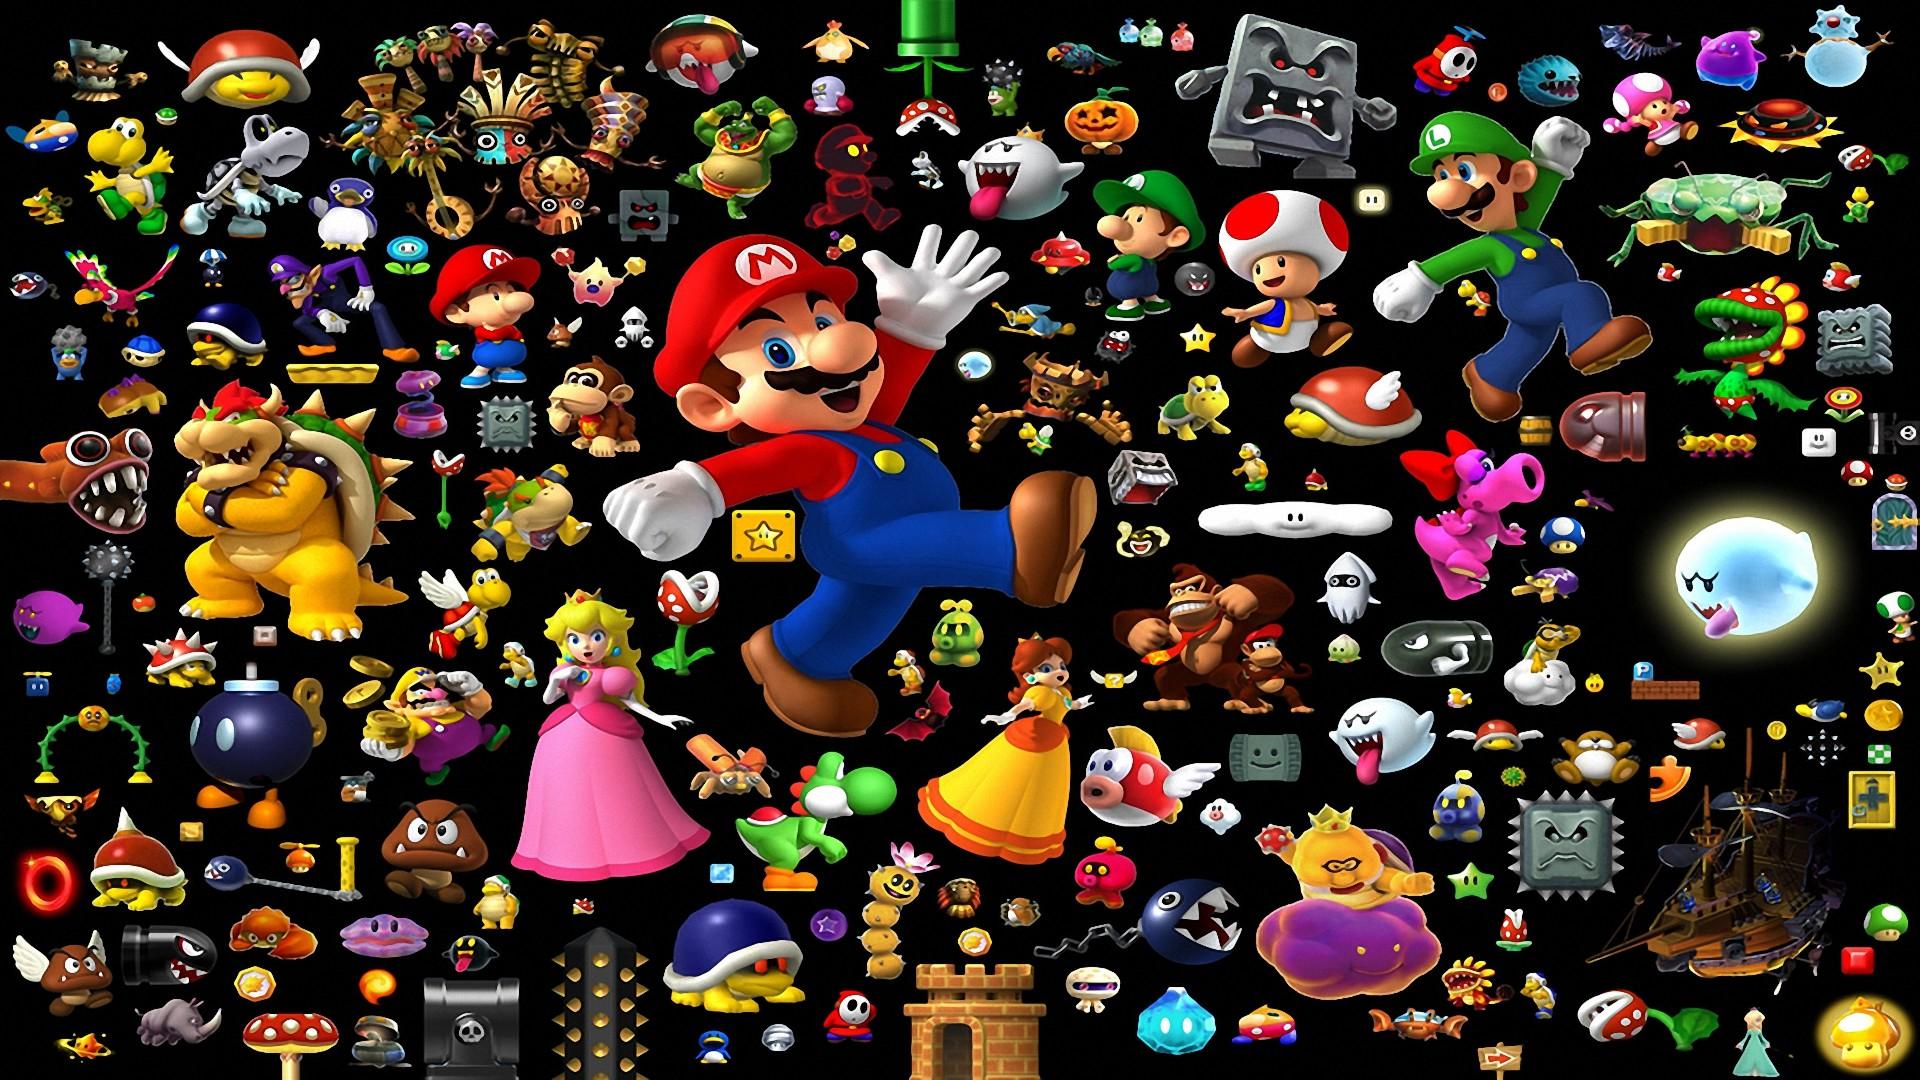 Video Game – Super Mario All-Stars + Super Mario World Wallpaper